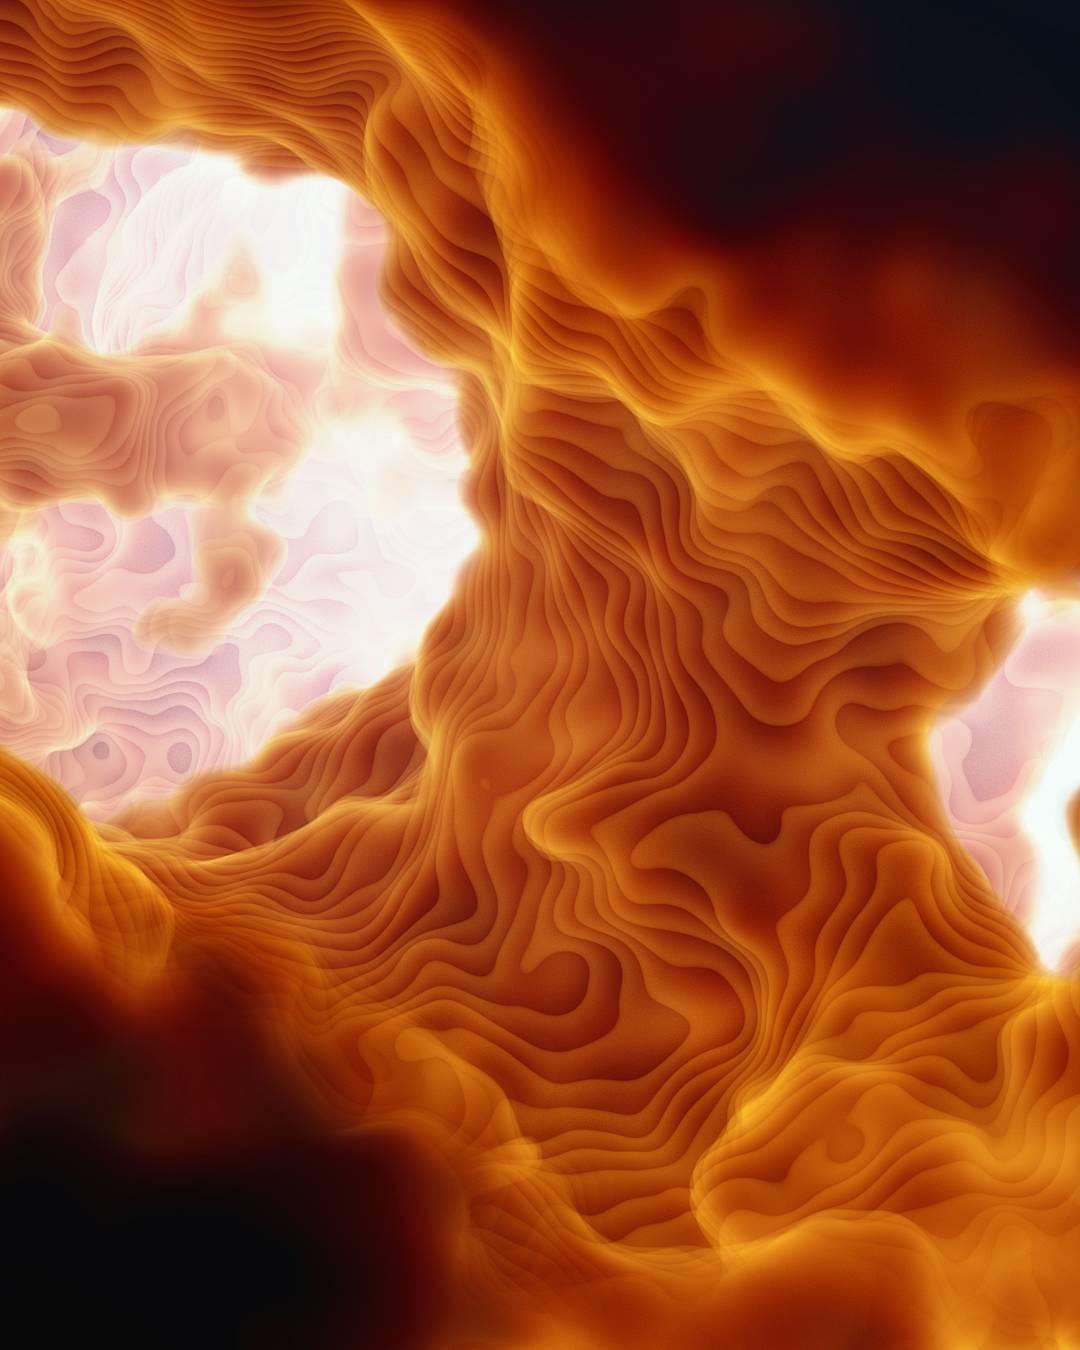 c4d炫彩云层珊瑚云朵天空层级模型_c4d 素材【必然网